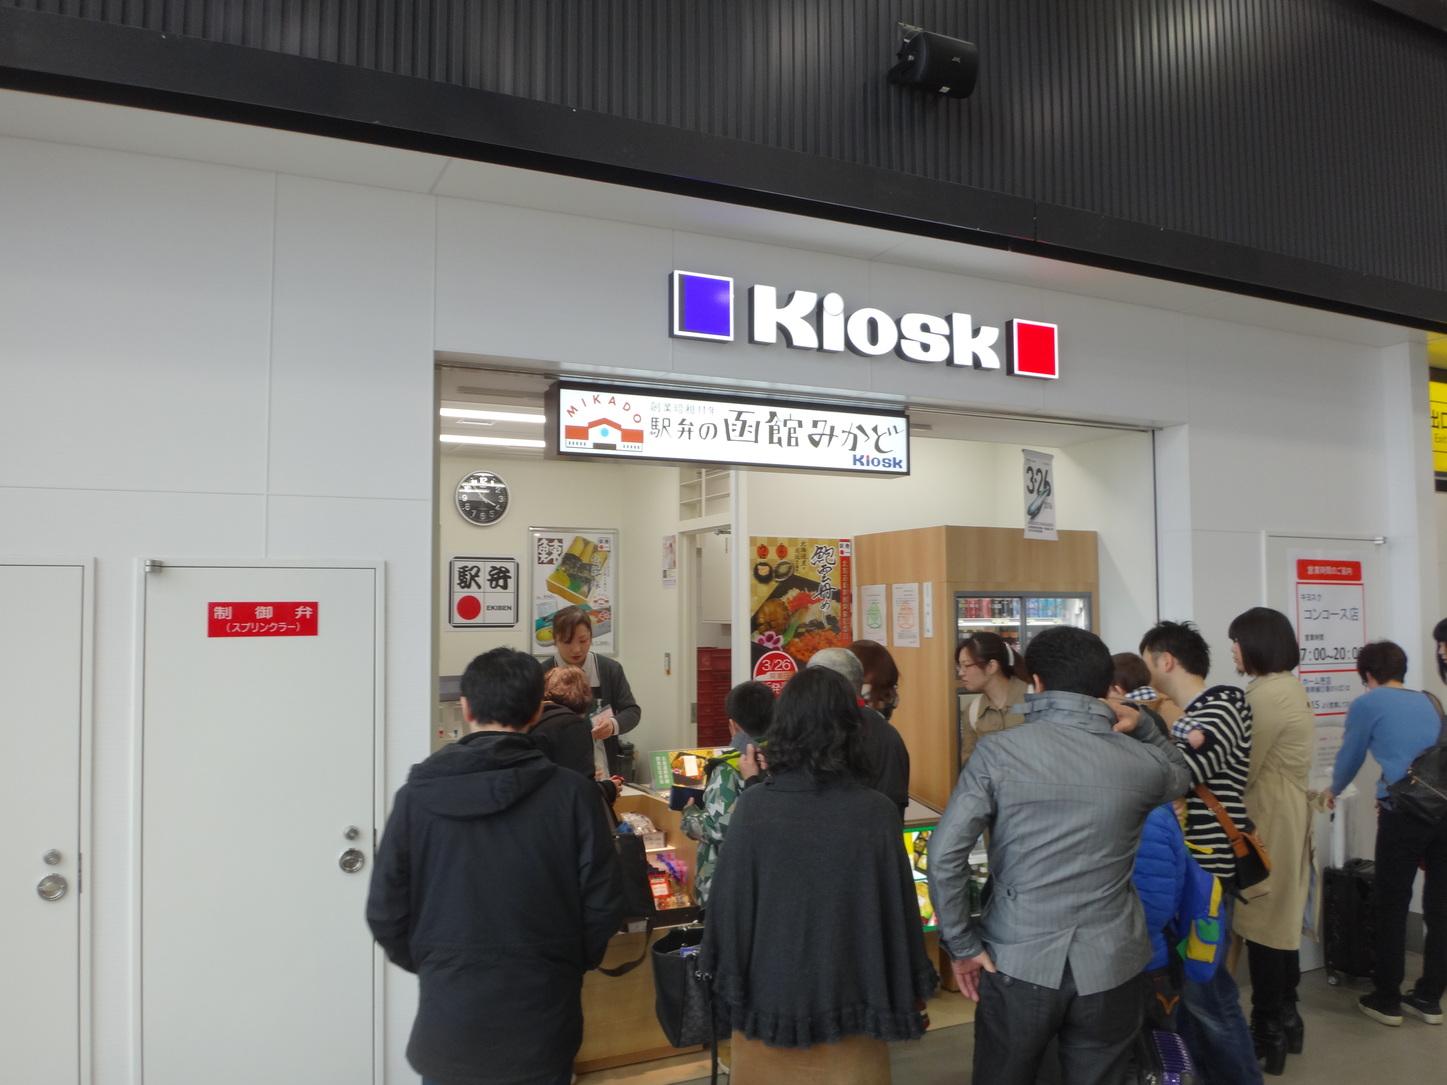 キヨスク キヨスク新函館北斗コンコース店